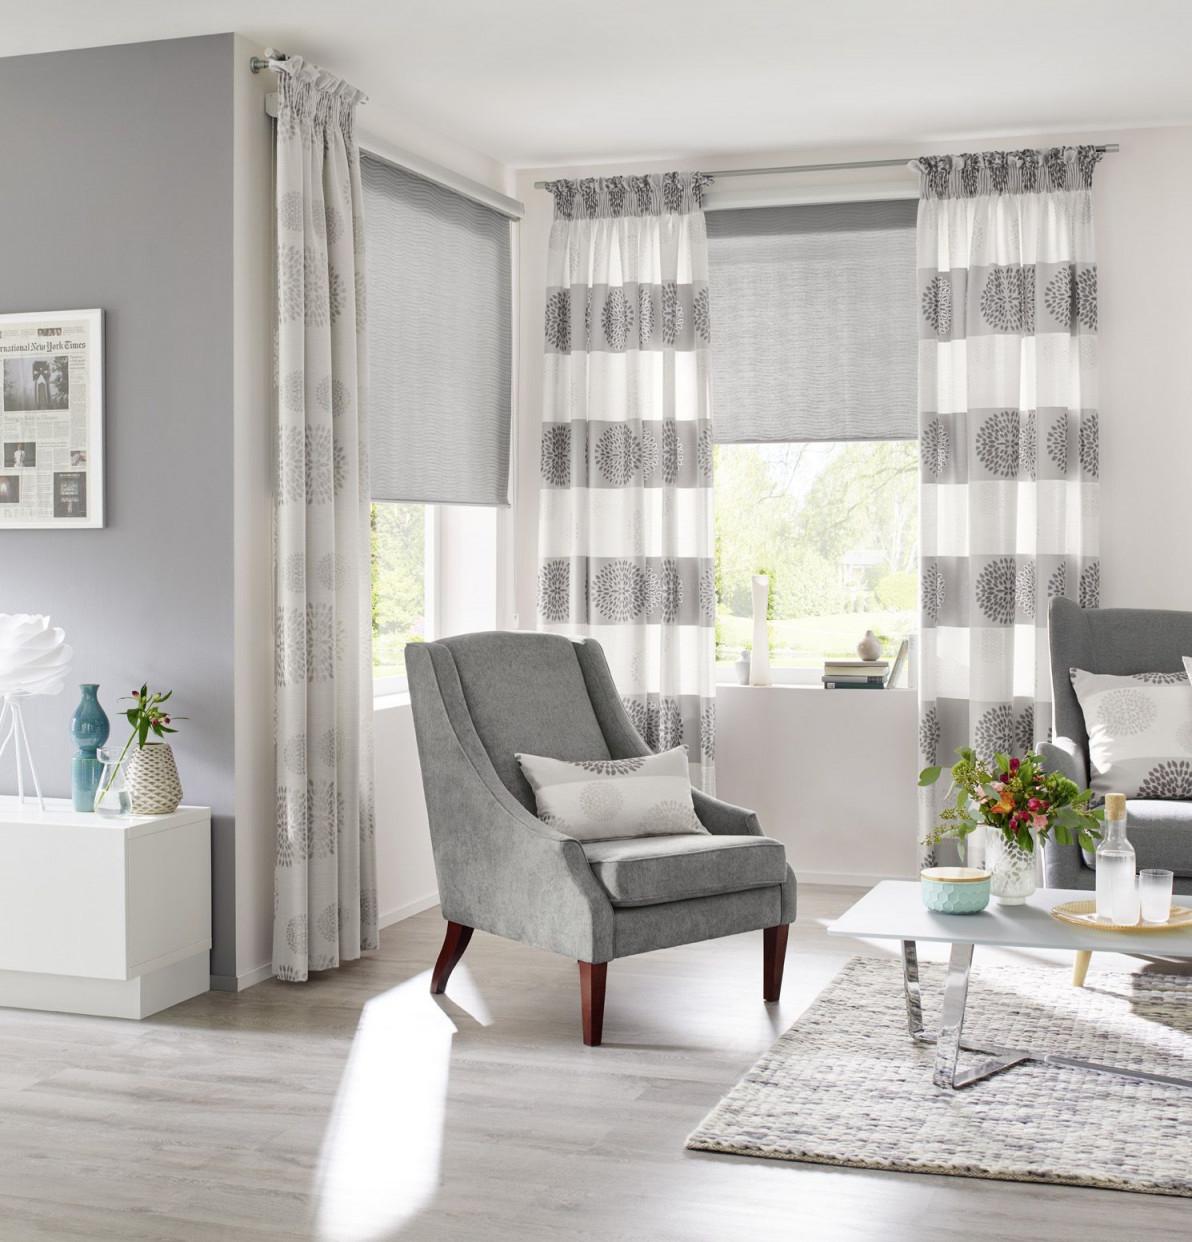 Fenster Globe Gardinen Dekostoffe Vorhang Wohnstoffe von Vorschläge Für Gardinen Im Wohnzimmer Bild